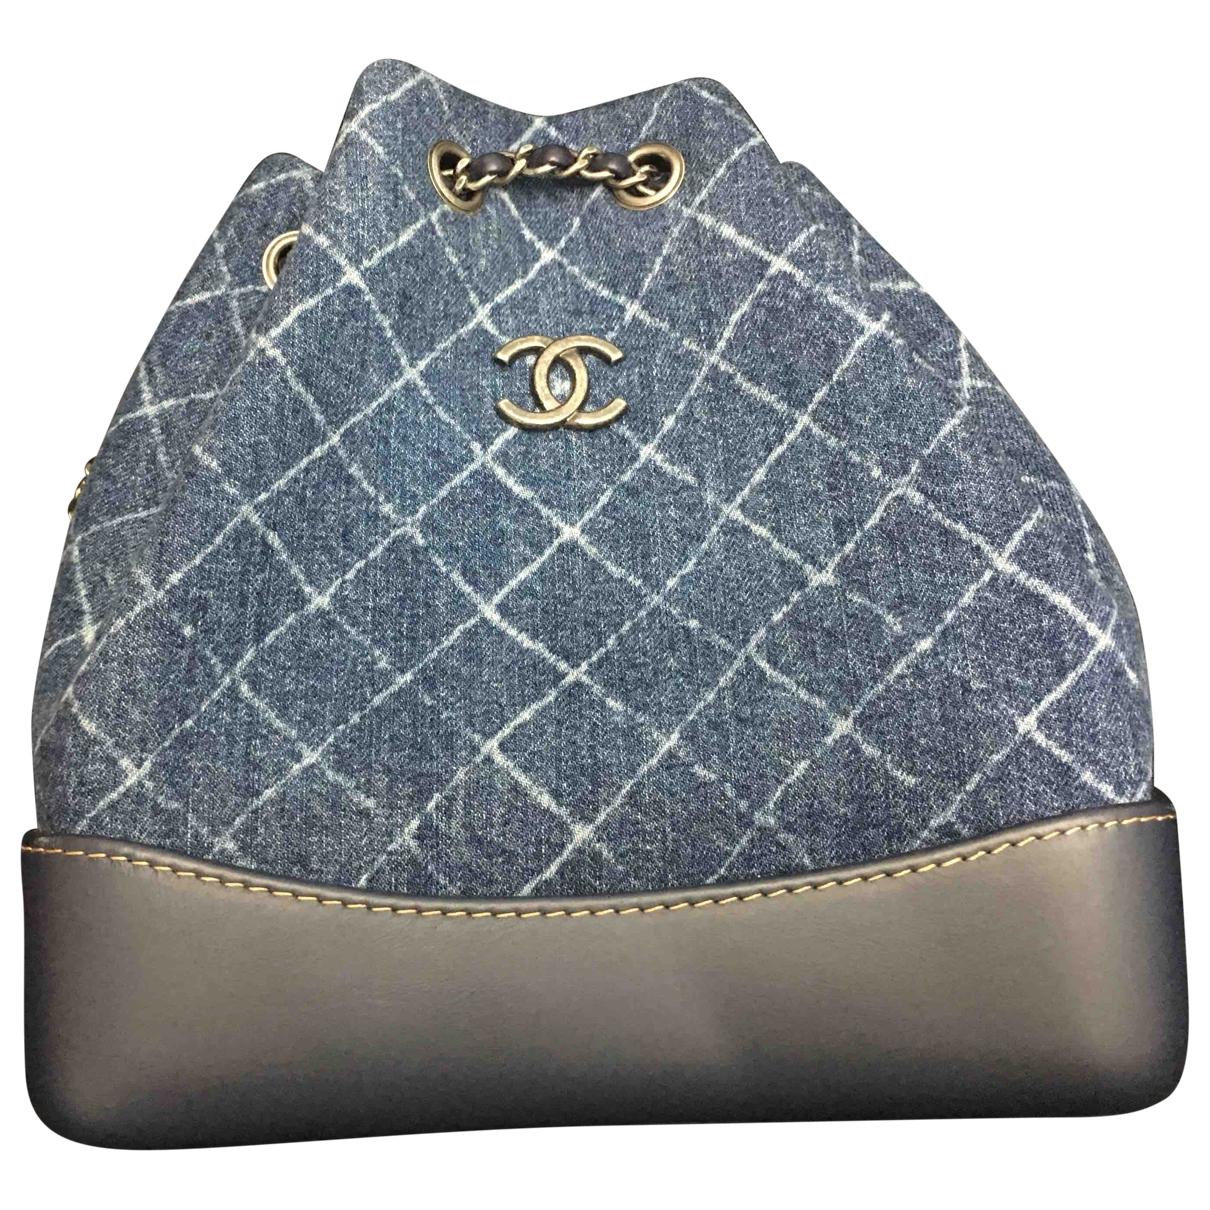 Chanel - Sac a dos Gabrielle pour femme en denim - bleu